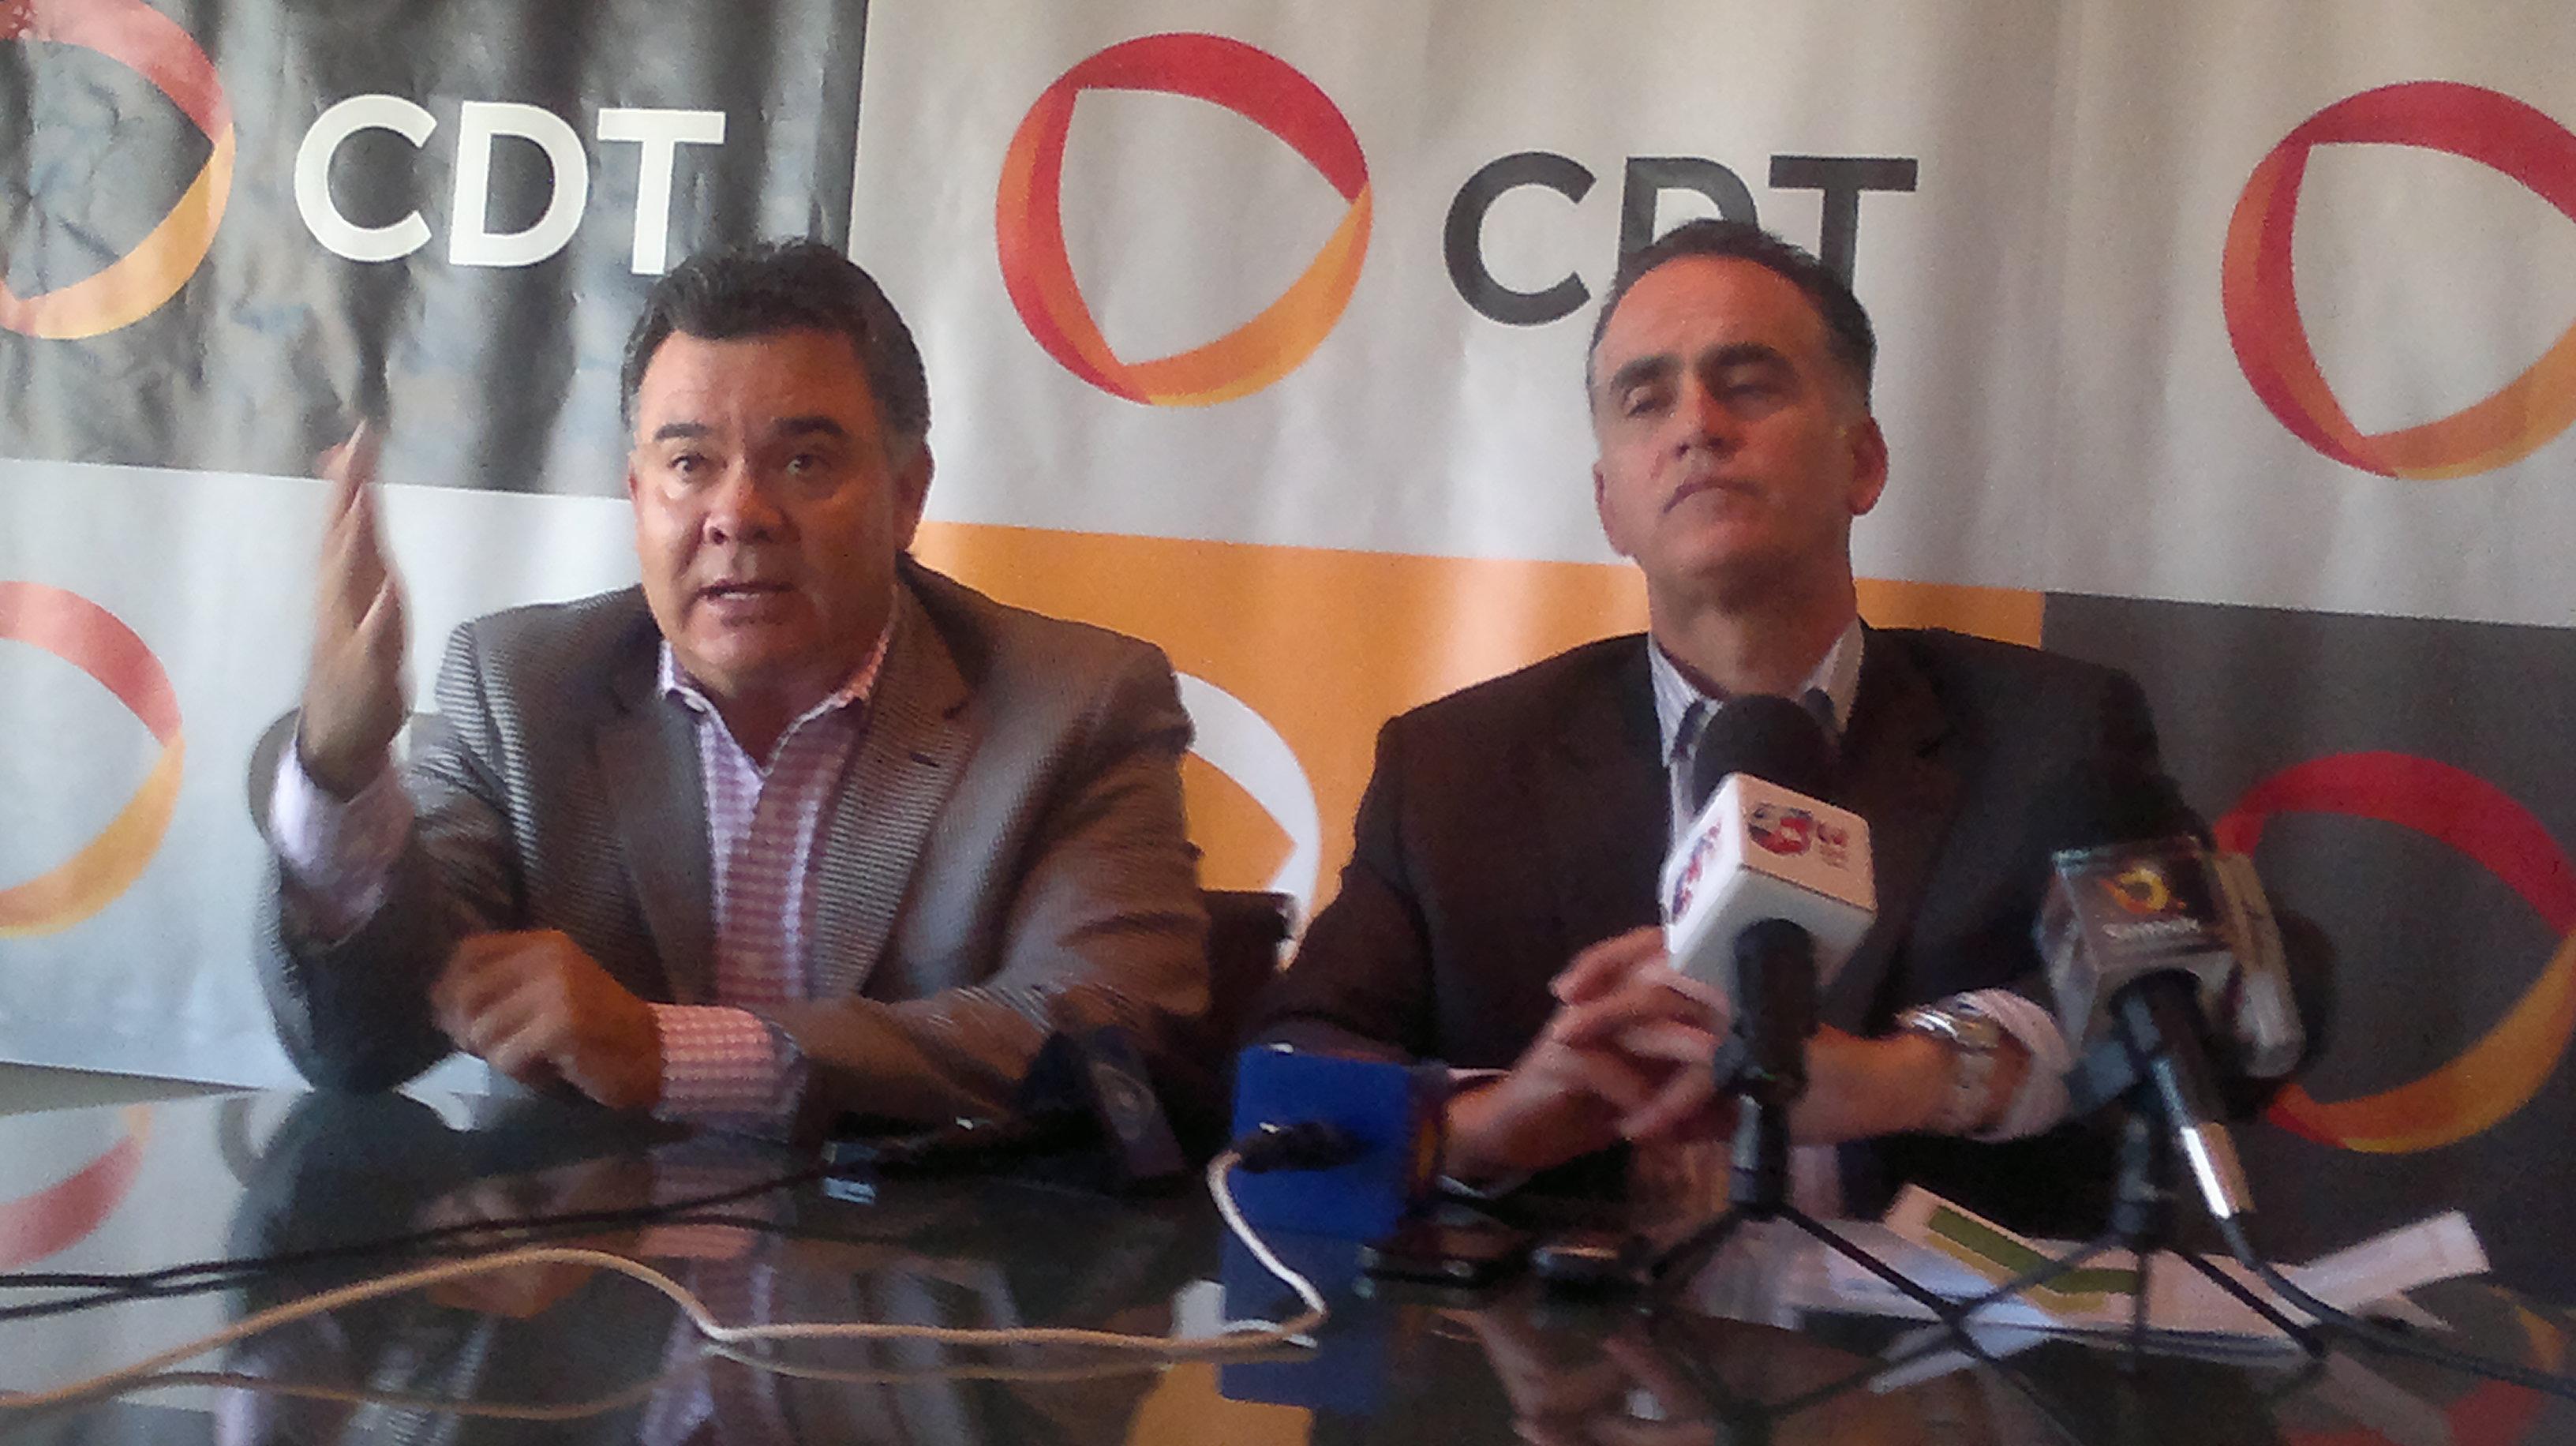 Resaltan bondades y aseguran que combatirán corrupción con tramites digitales en gobierno municipal